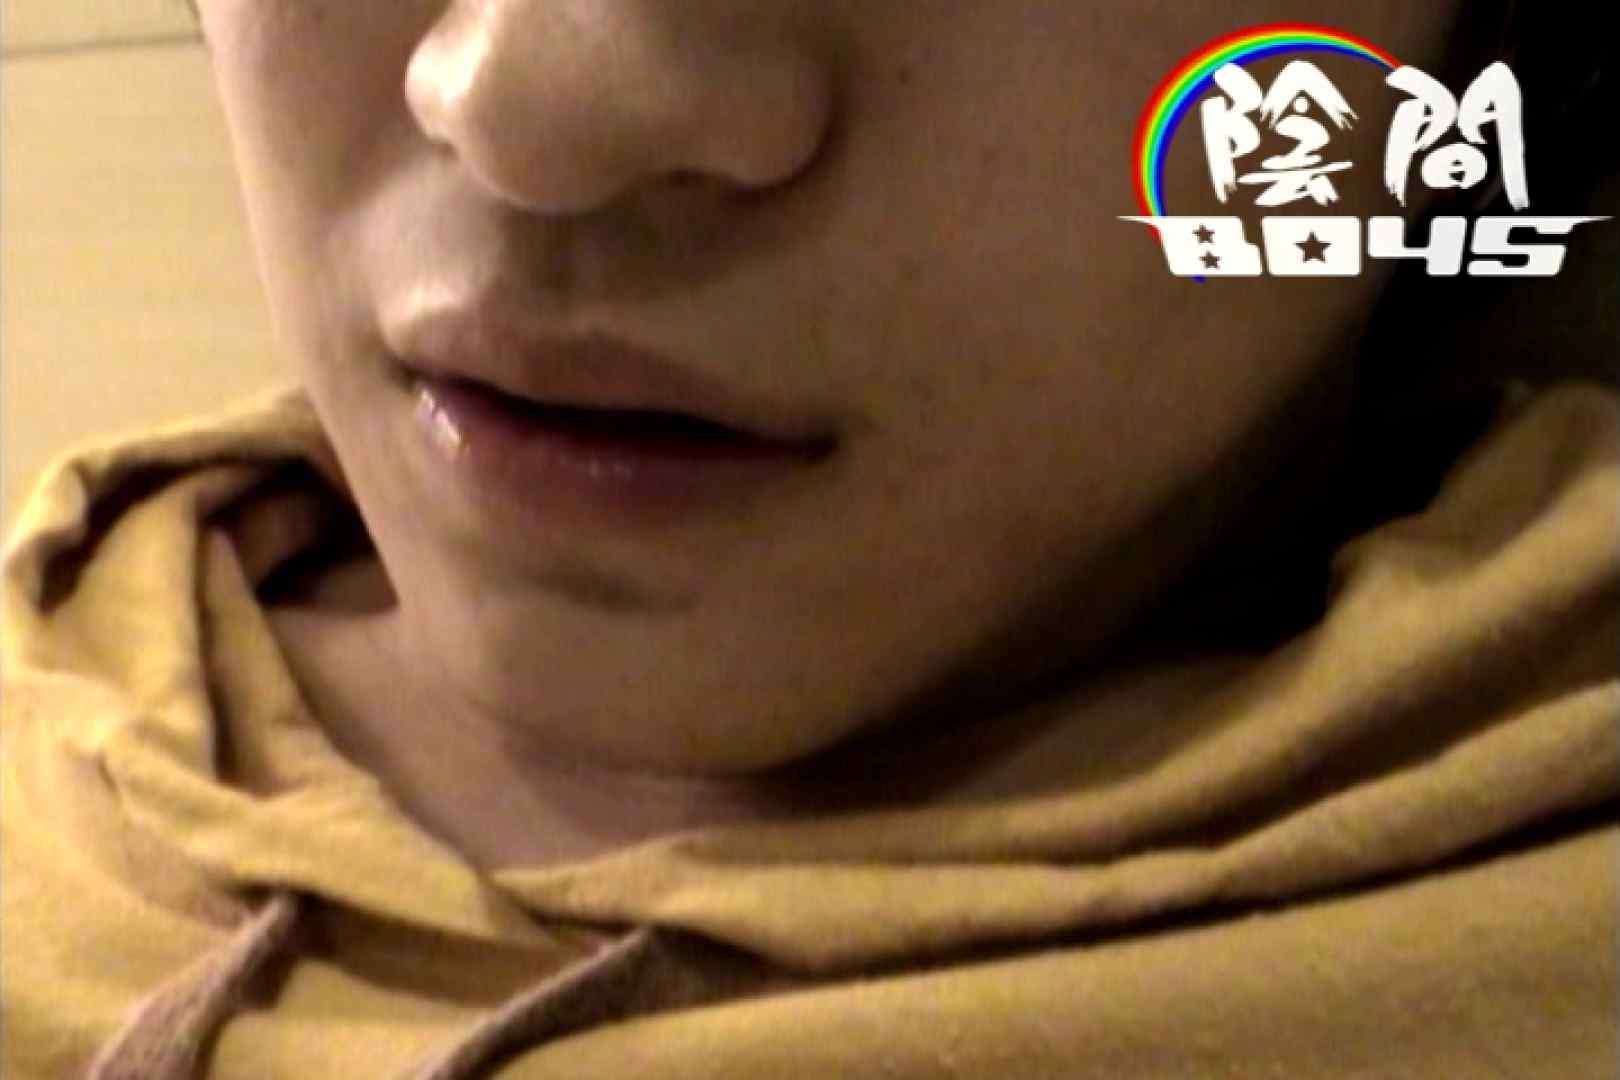 陰間BOYS~My holiday~02 オナニー | 無修正 アダルトビデオ画像キャプチャ 65pic 36